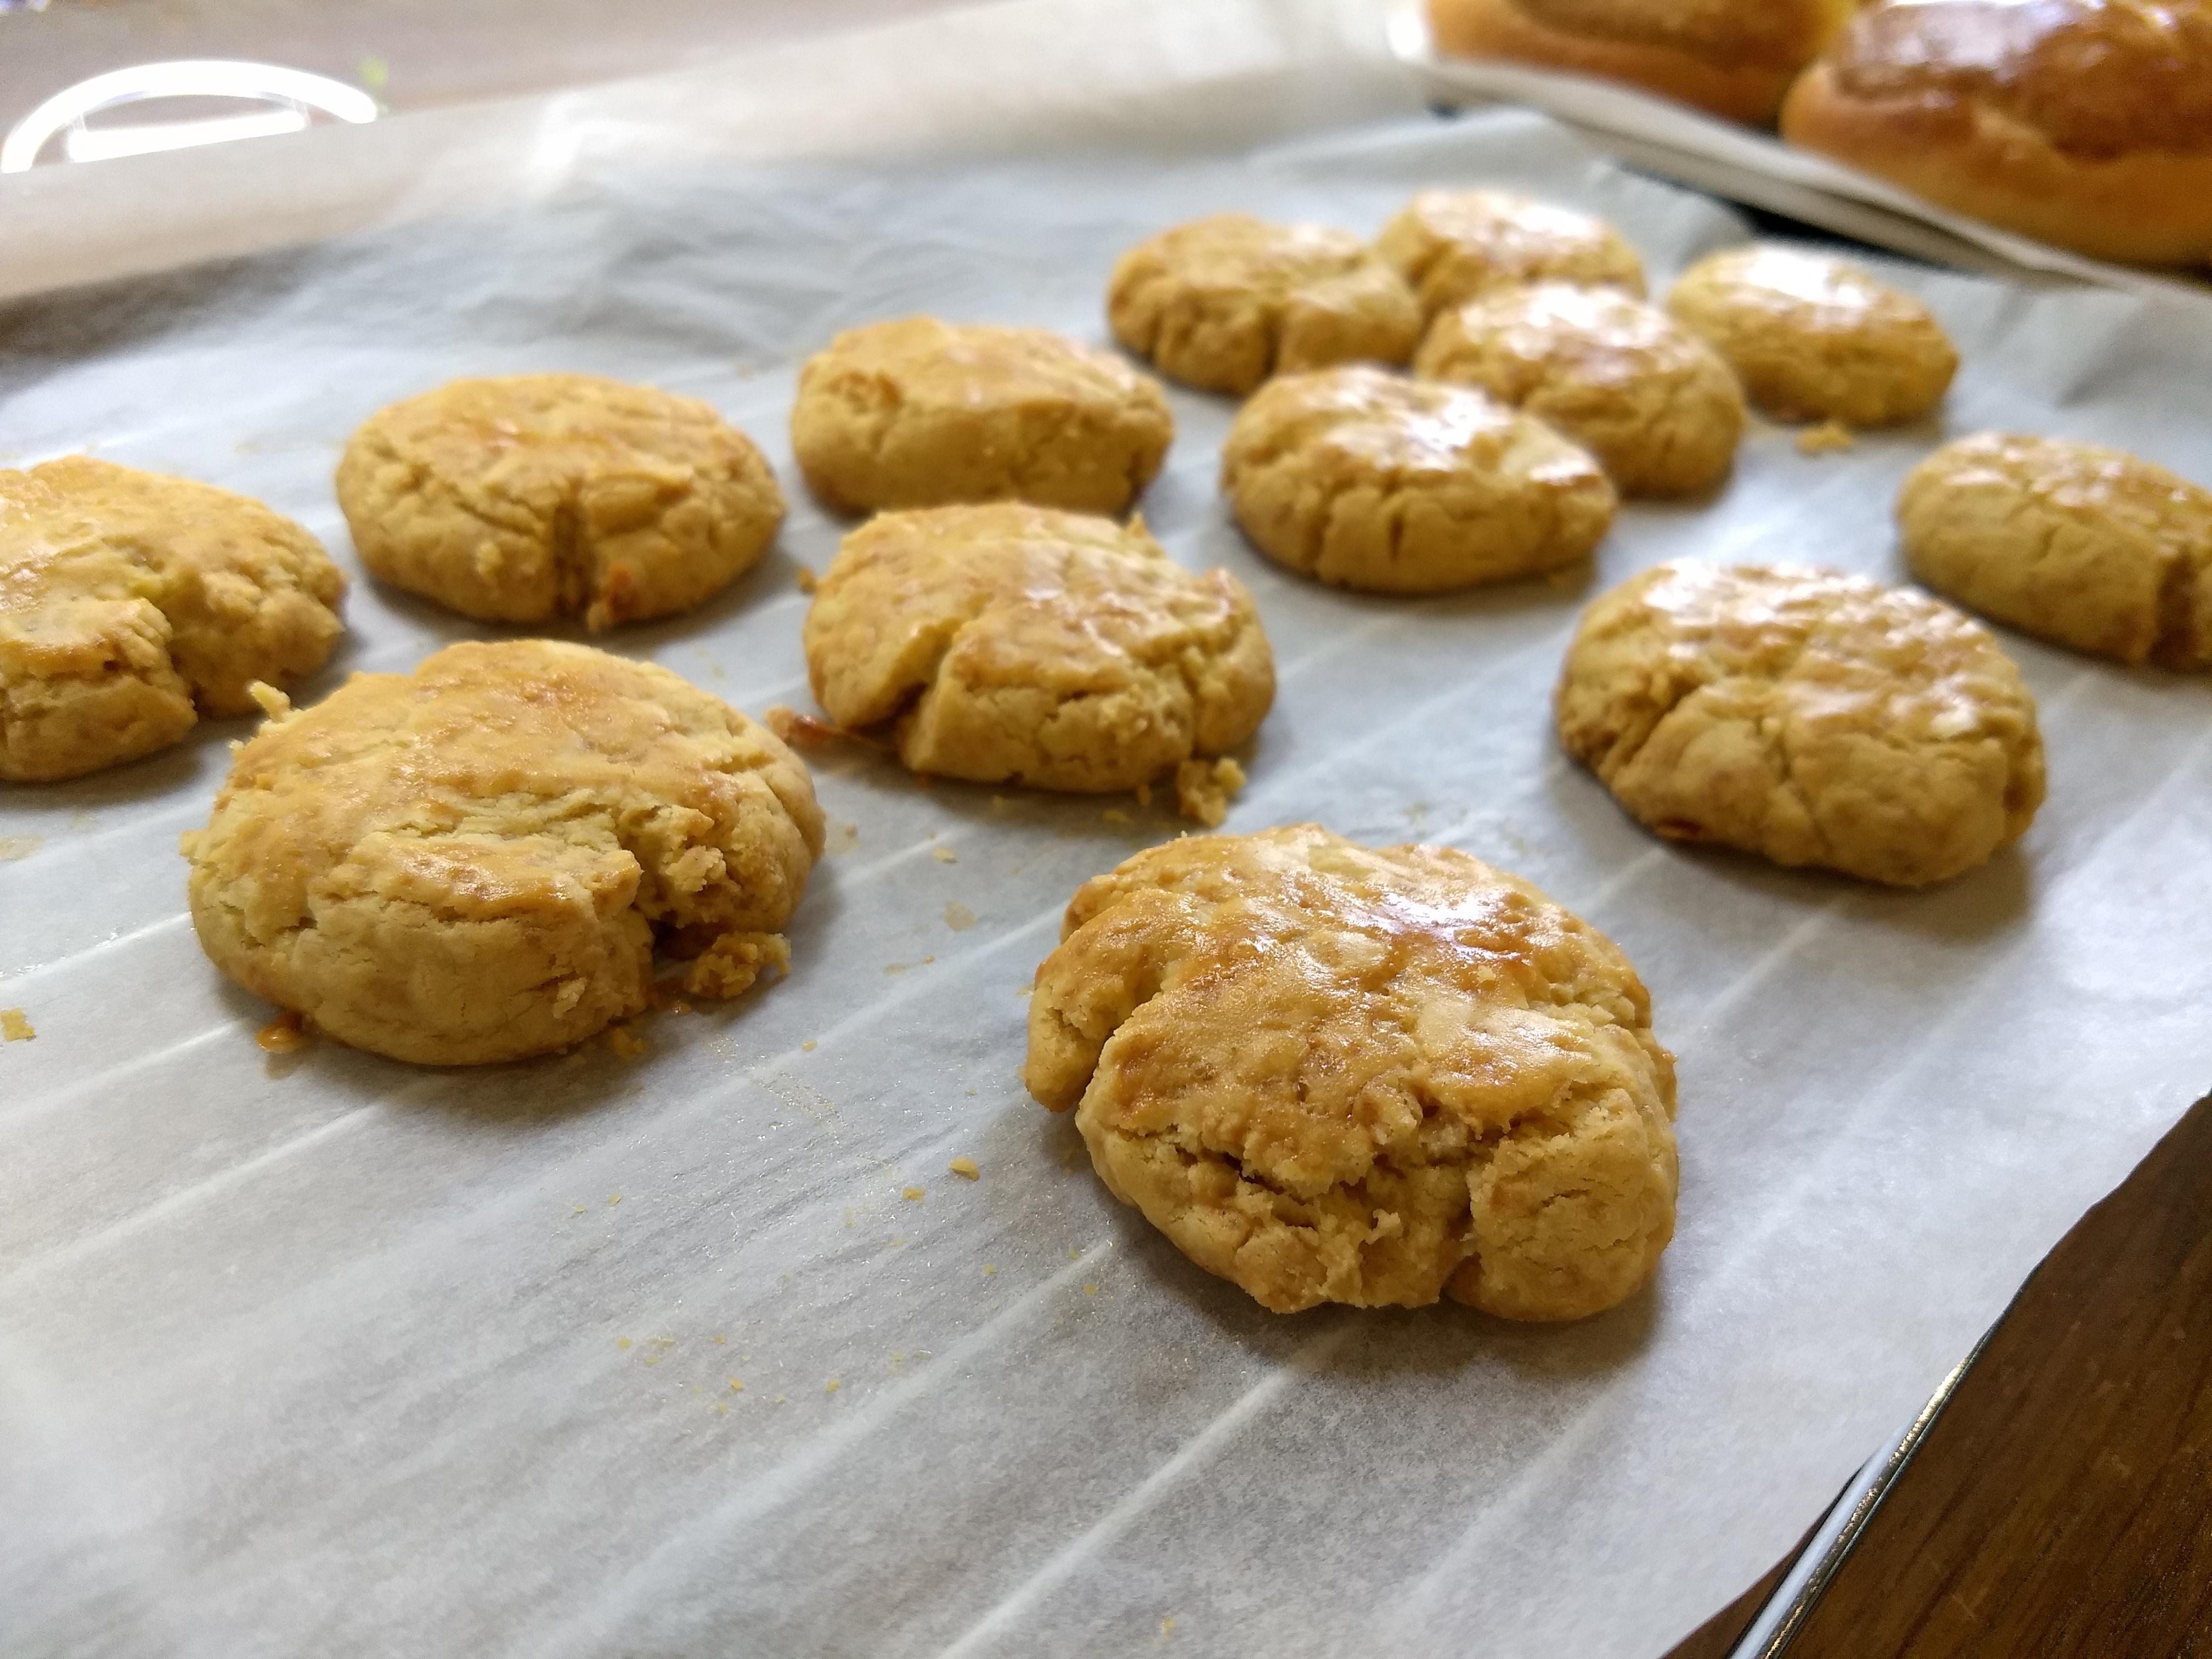 咸蛋曲奇 Salted egg yolk cookies